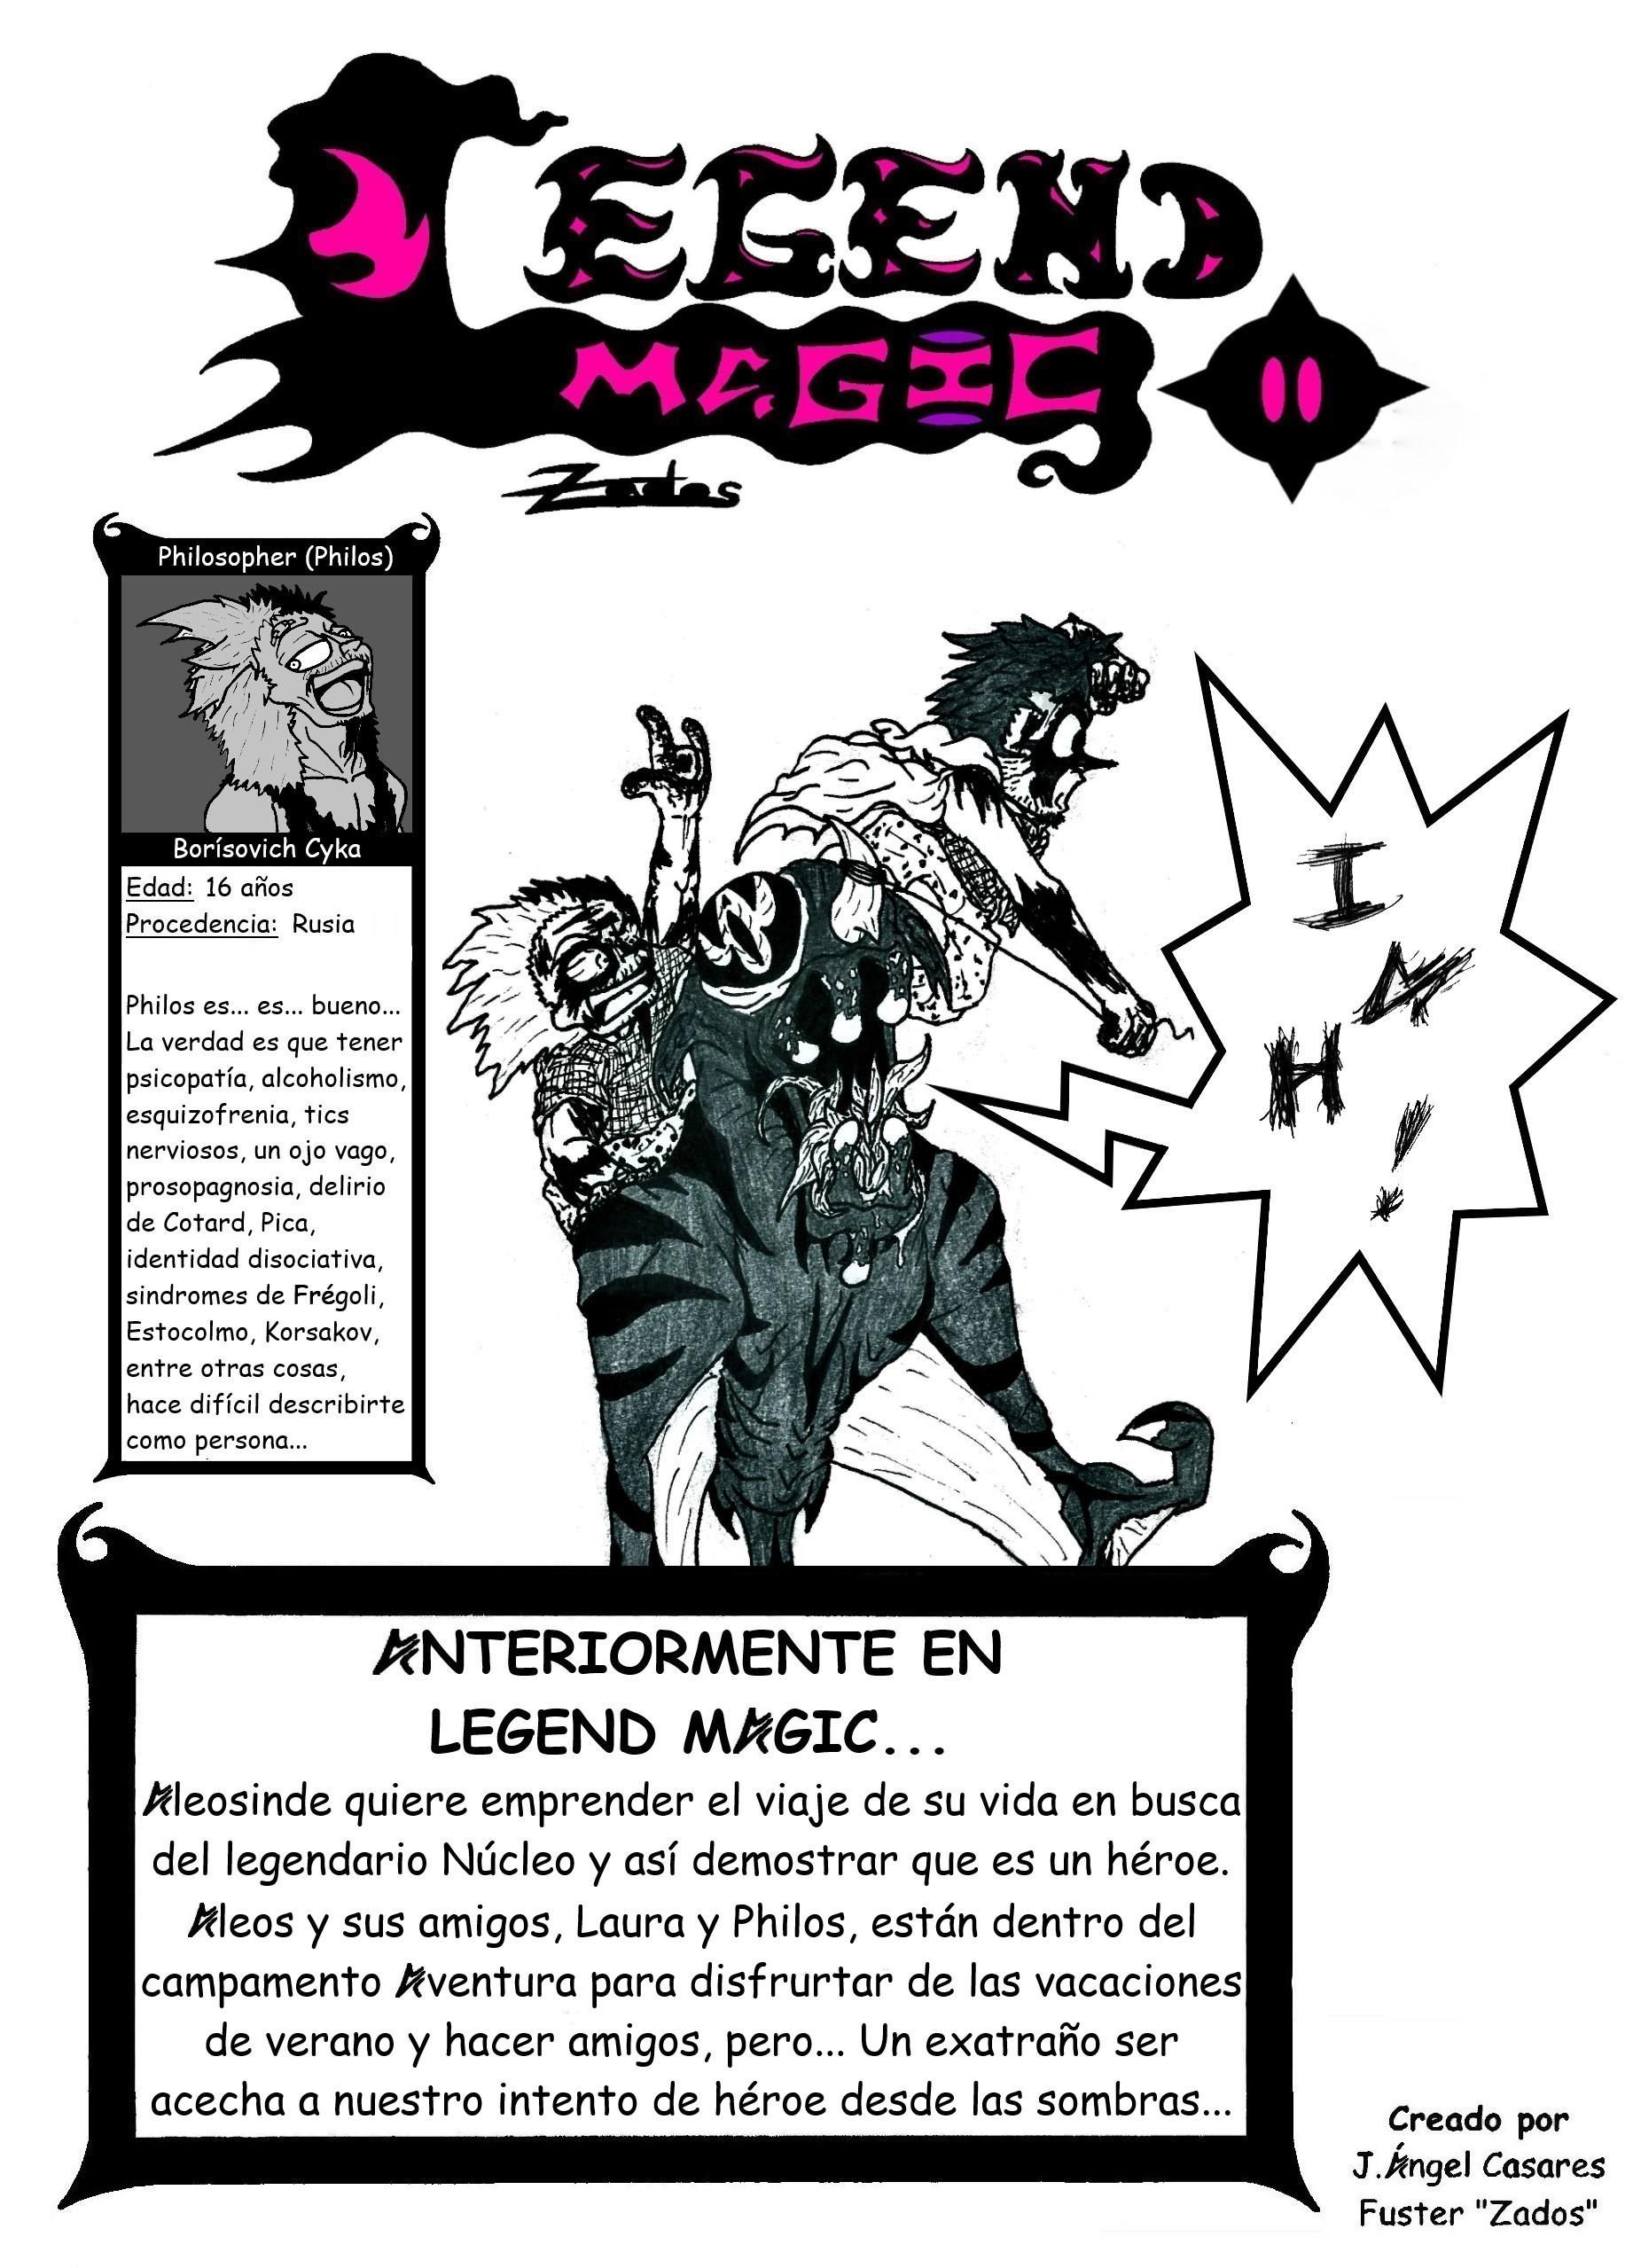 Avatar_03_J_Angel_Casado_Fuster_pagina00002